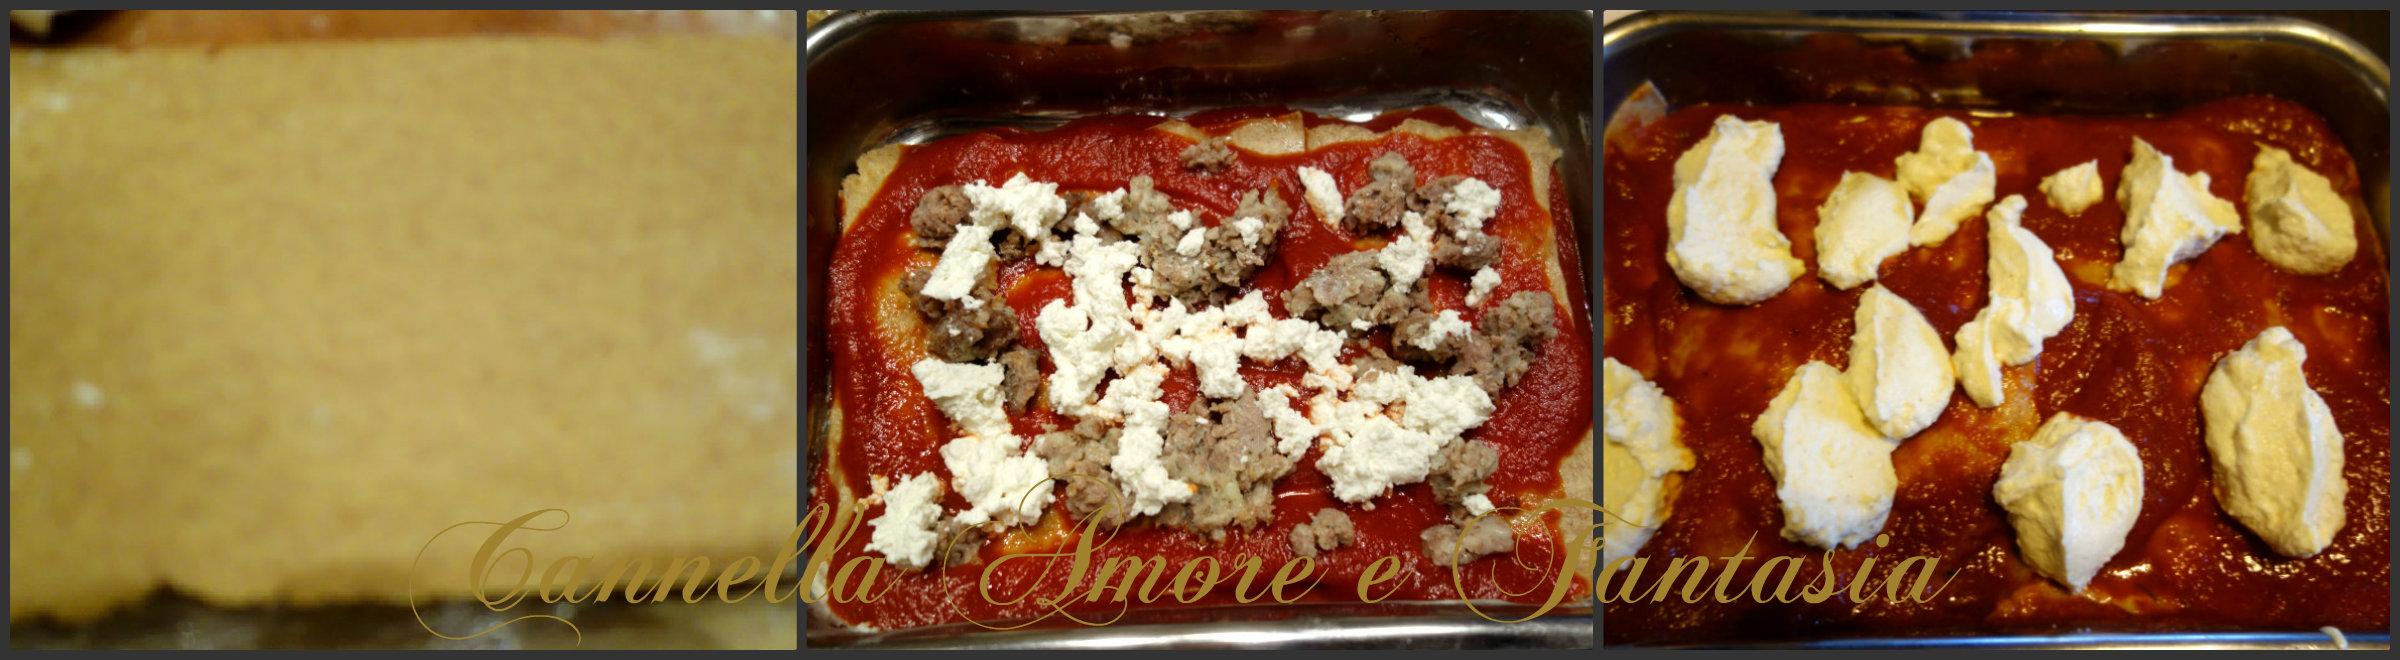 lasagne integrali con ricotta Collage finito